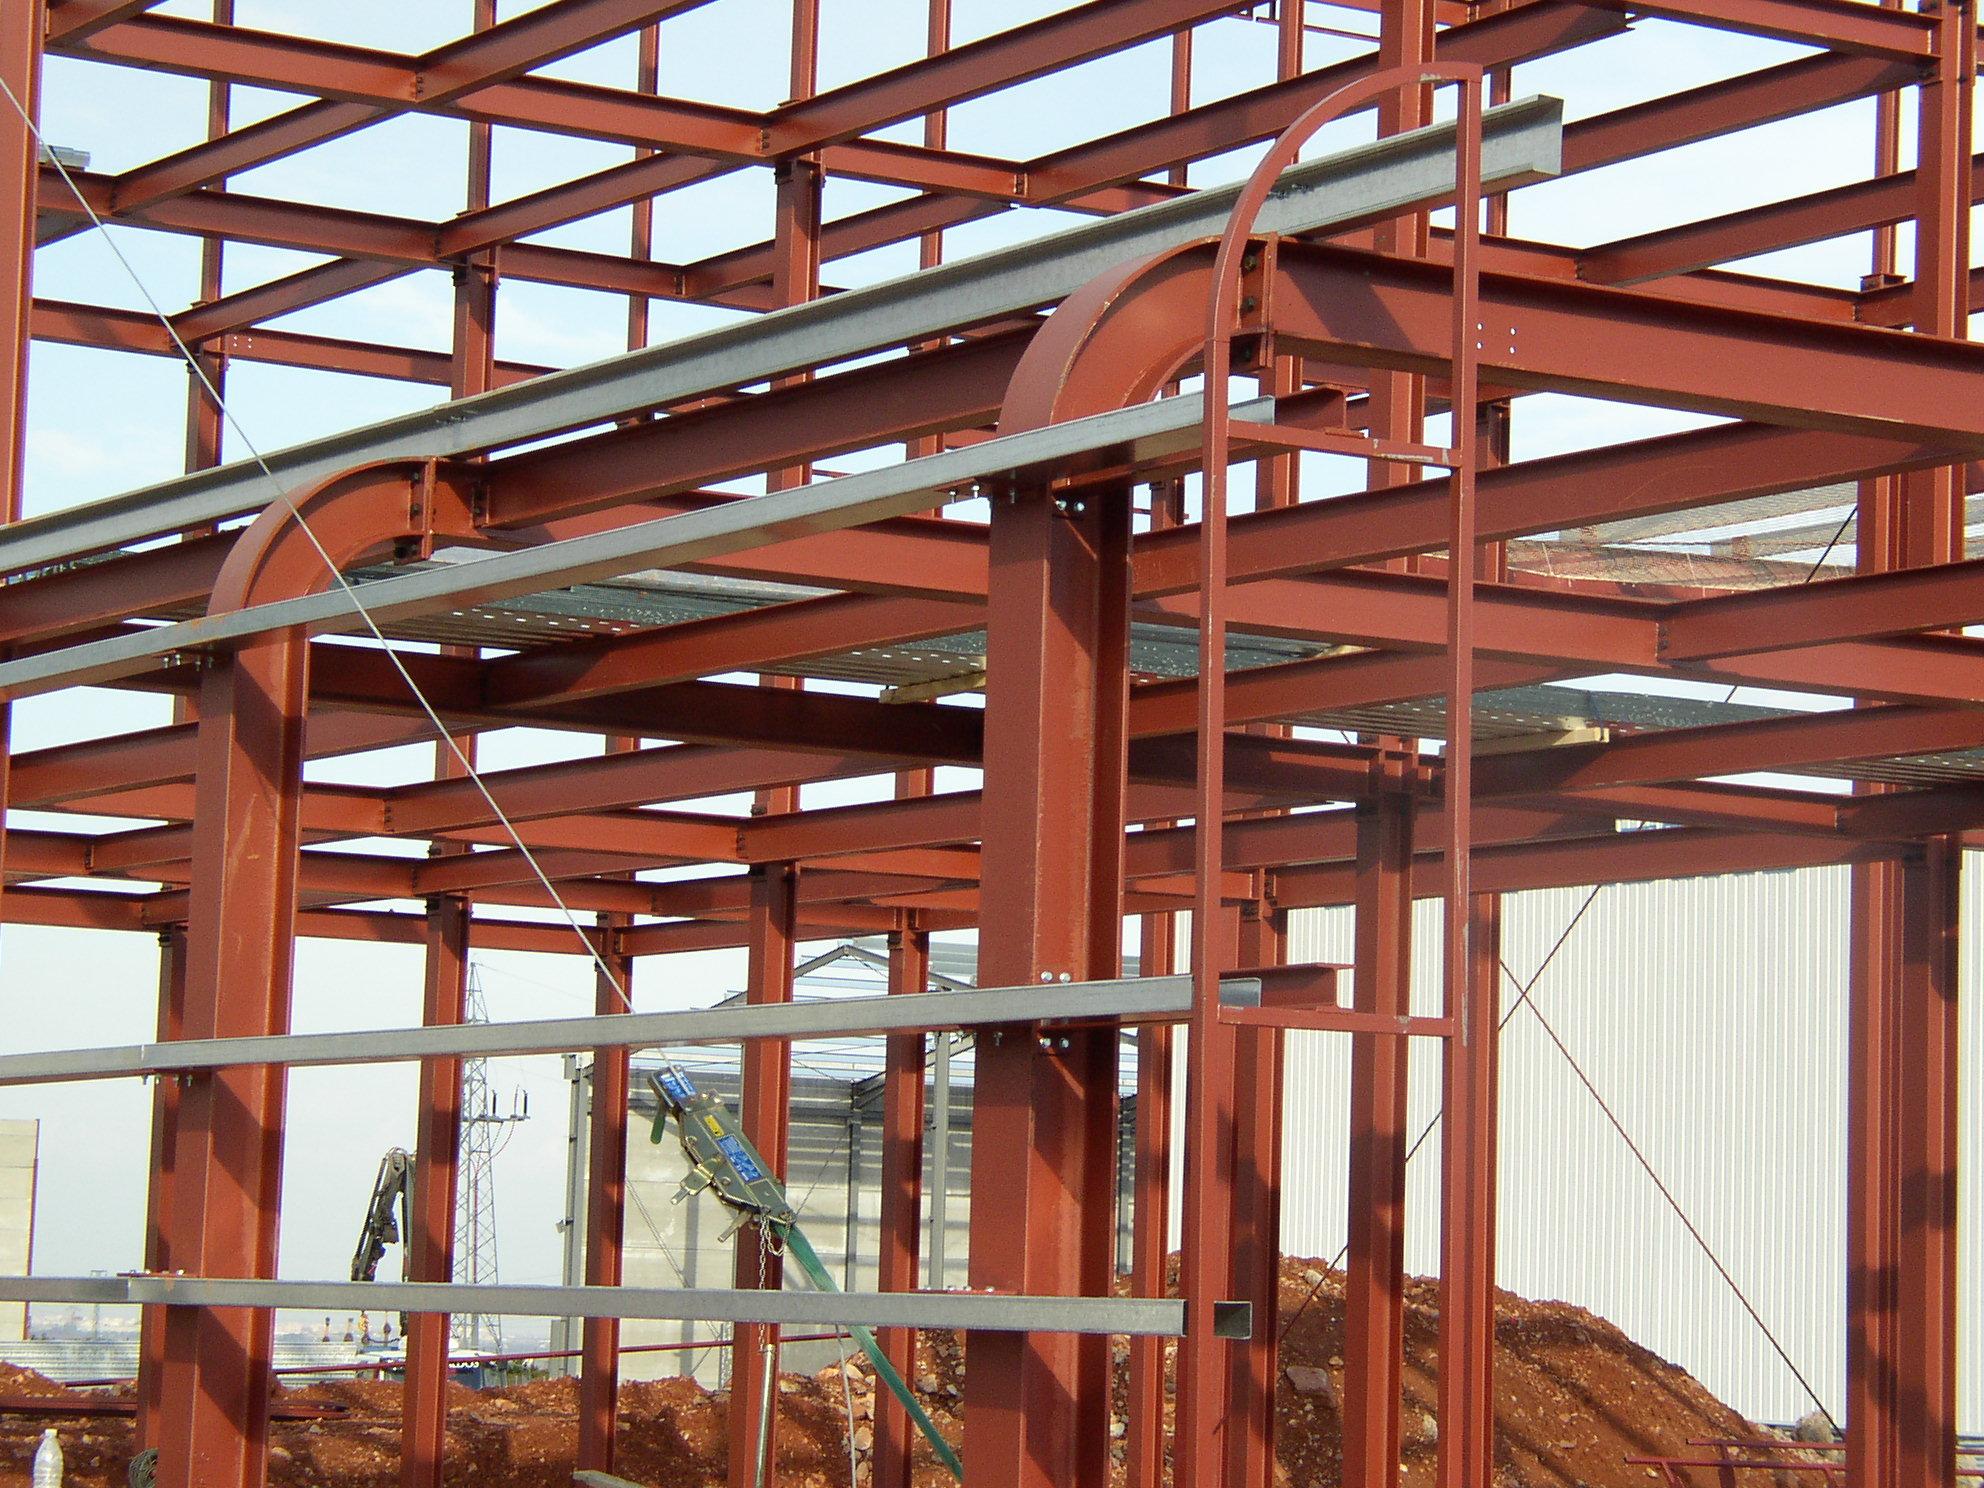 Estructuras met licas con marcado ce tekton - Fotos de construcciones metalicas ...